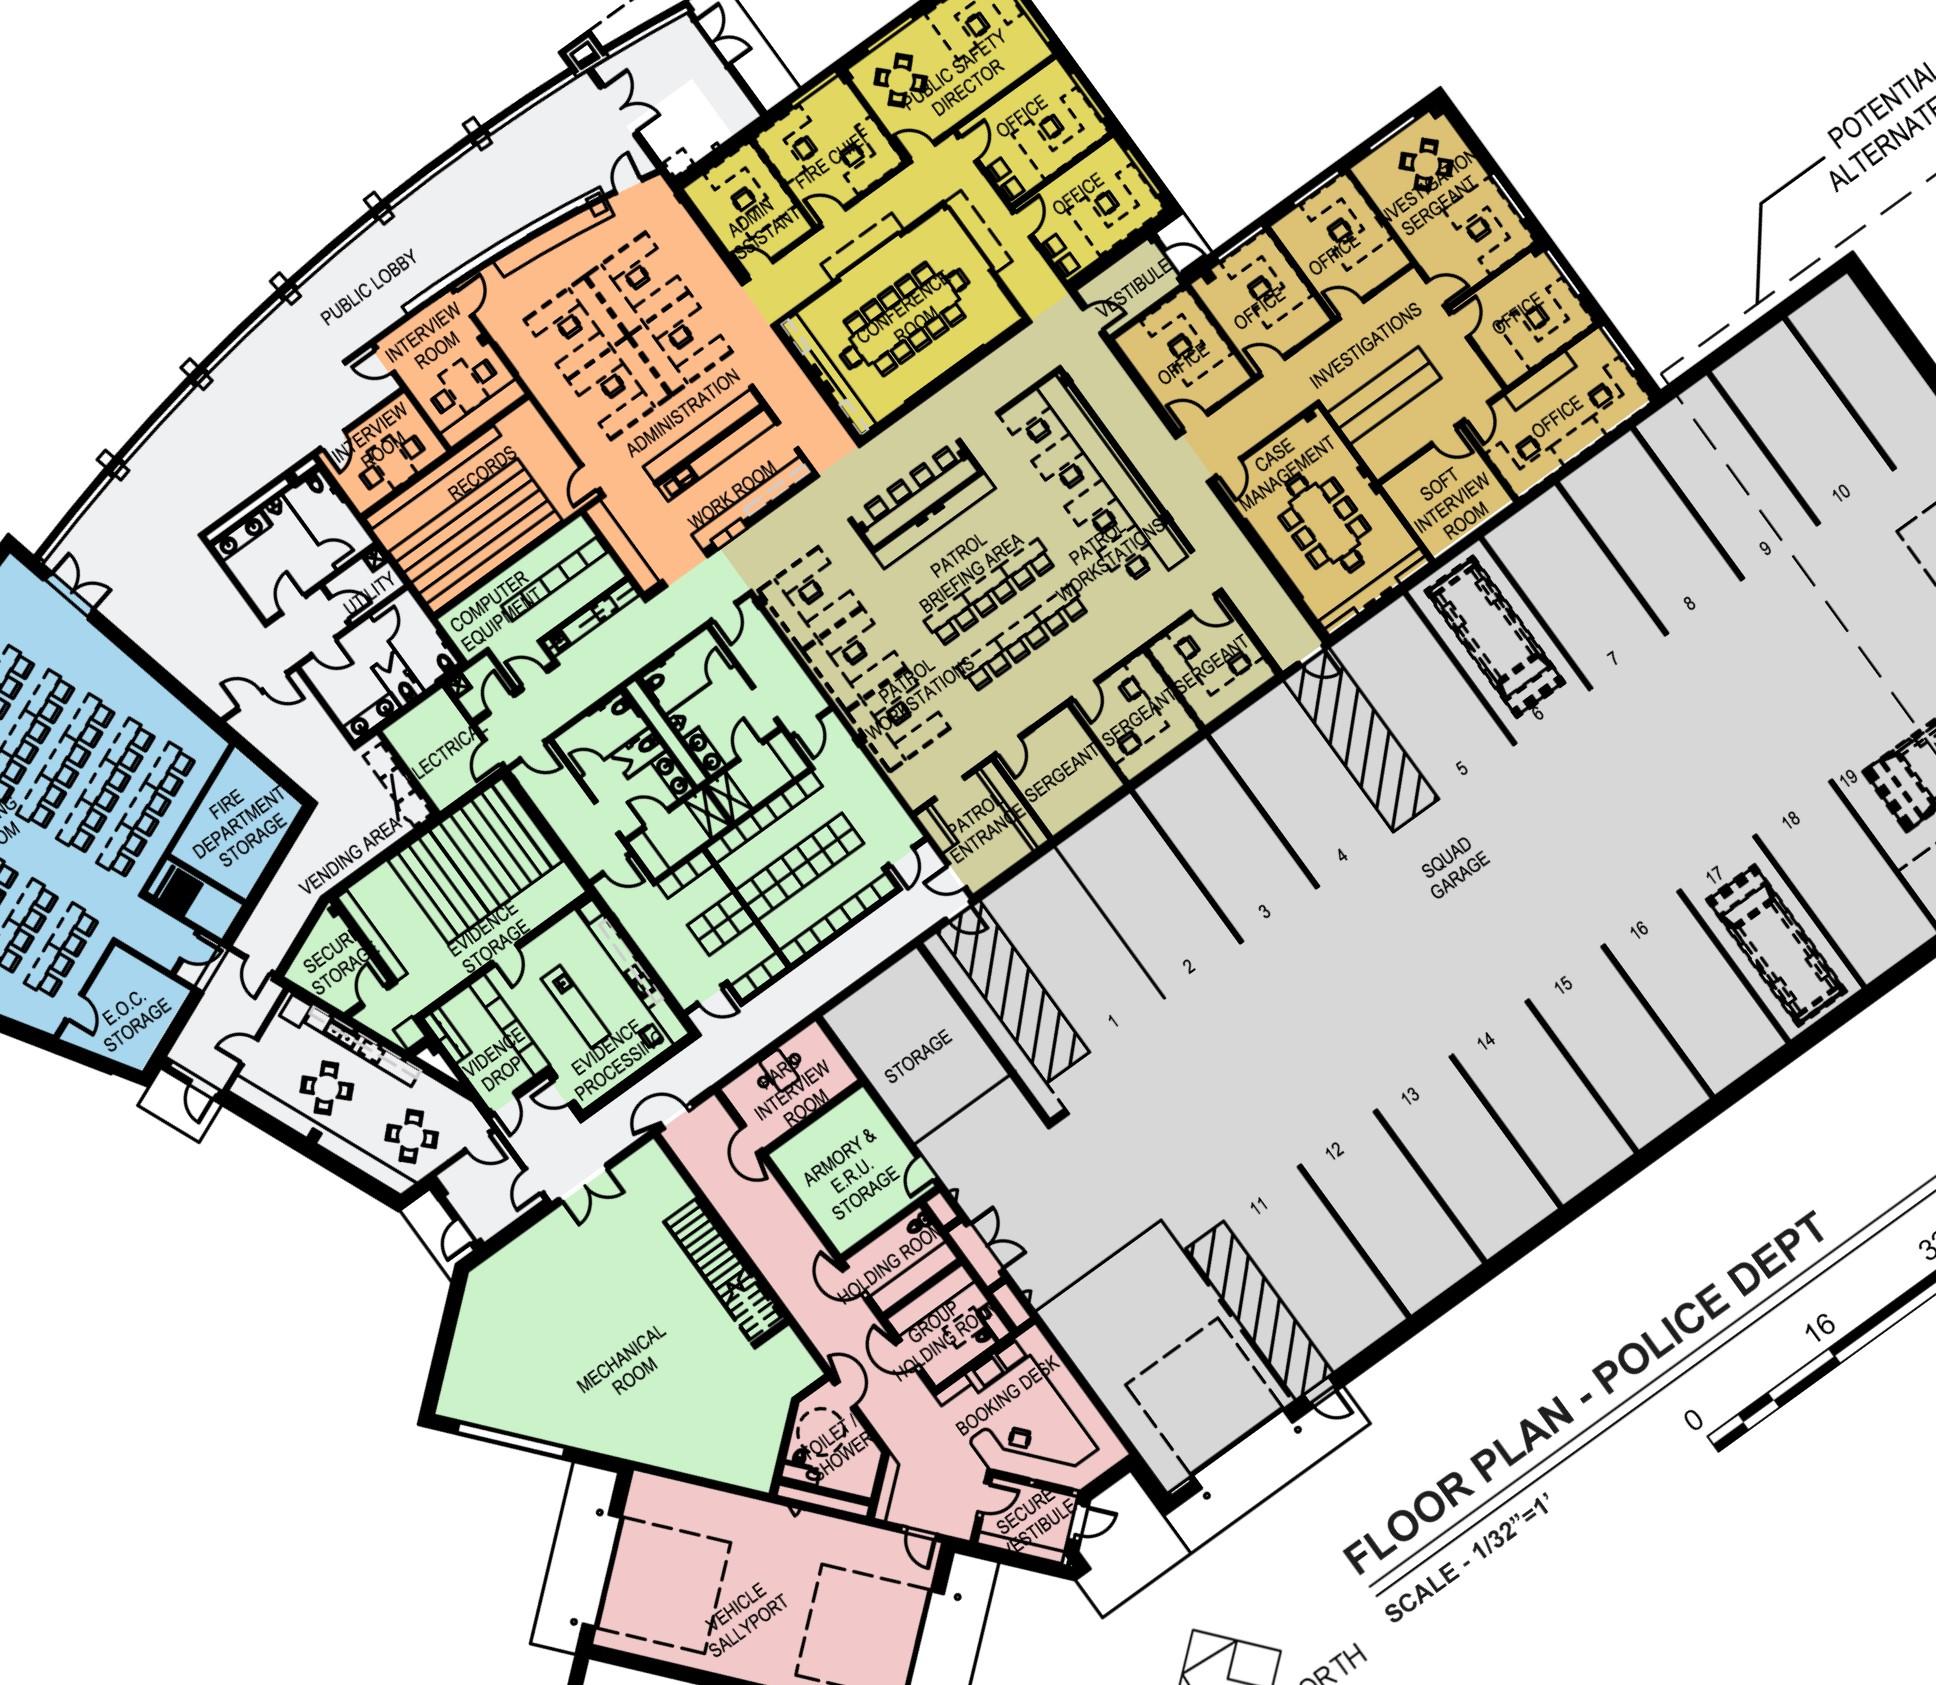 Northfield MN Police department floor plan